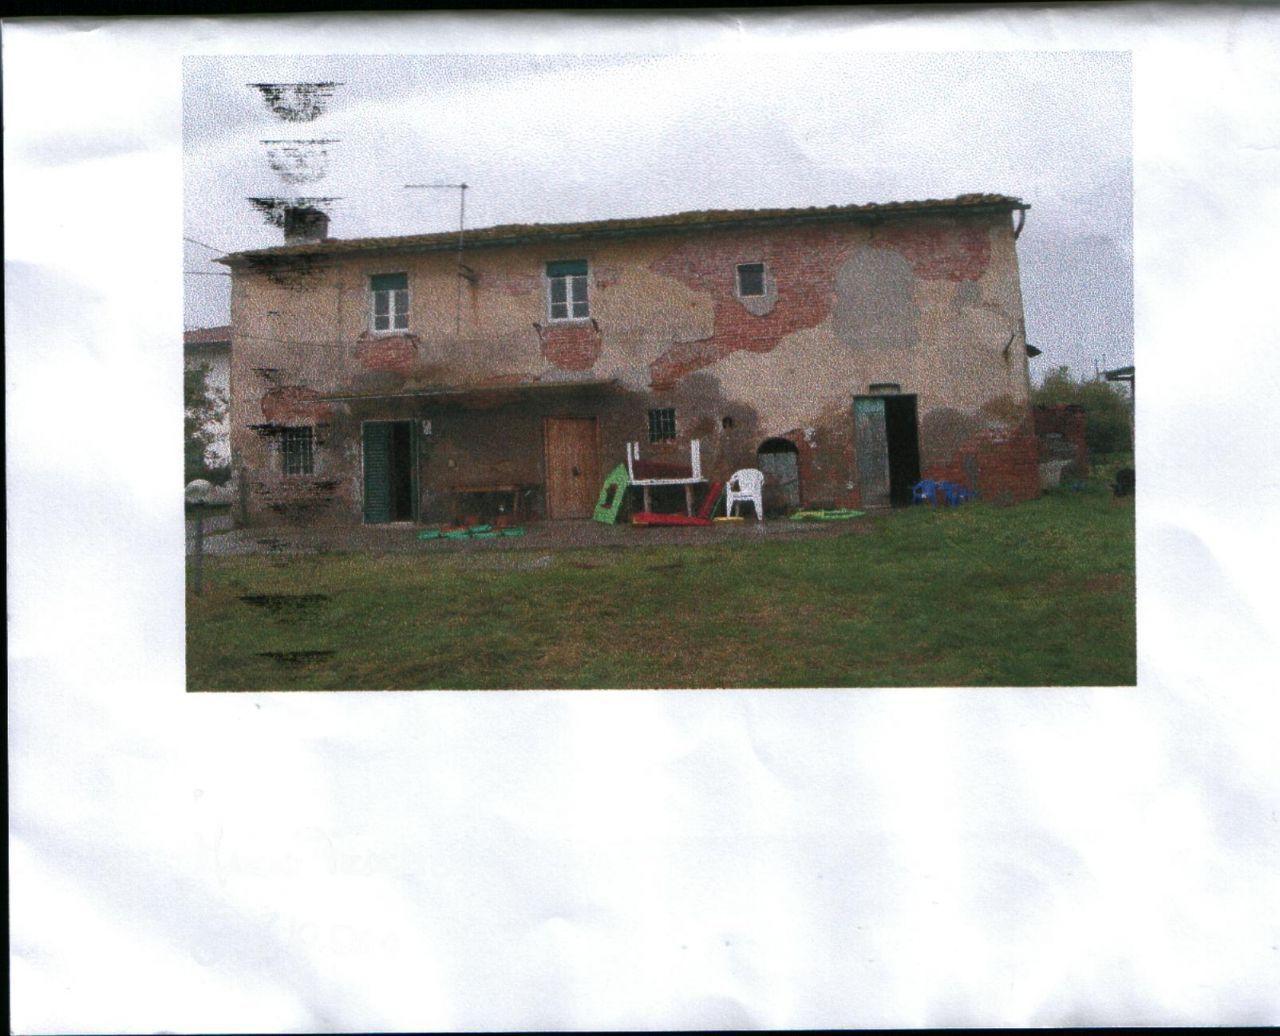 Rustico / Casale in vendita a Ponte Buggianese, 6 locali, prezzo € 210.000 | Cambio Casa.it